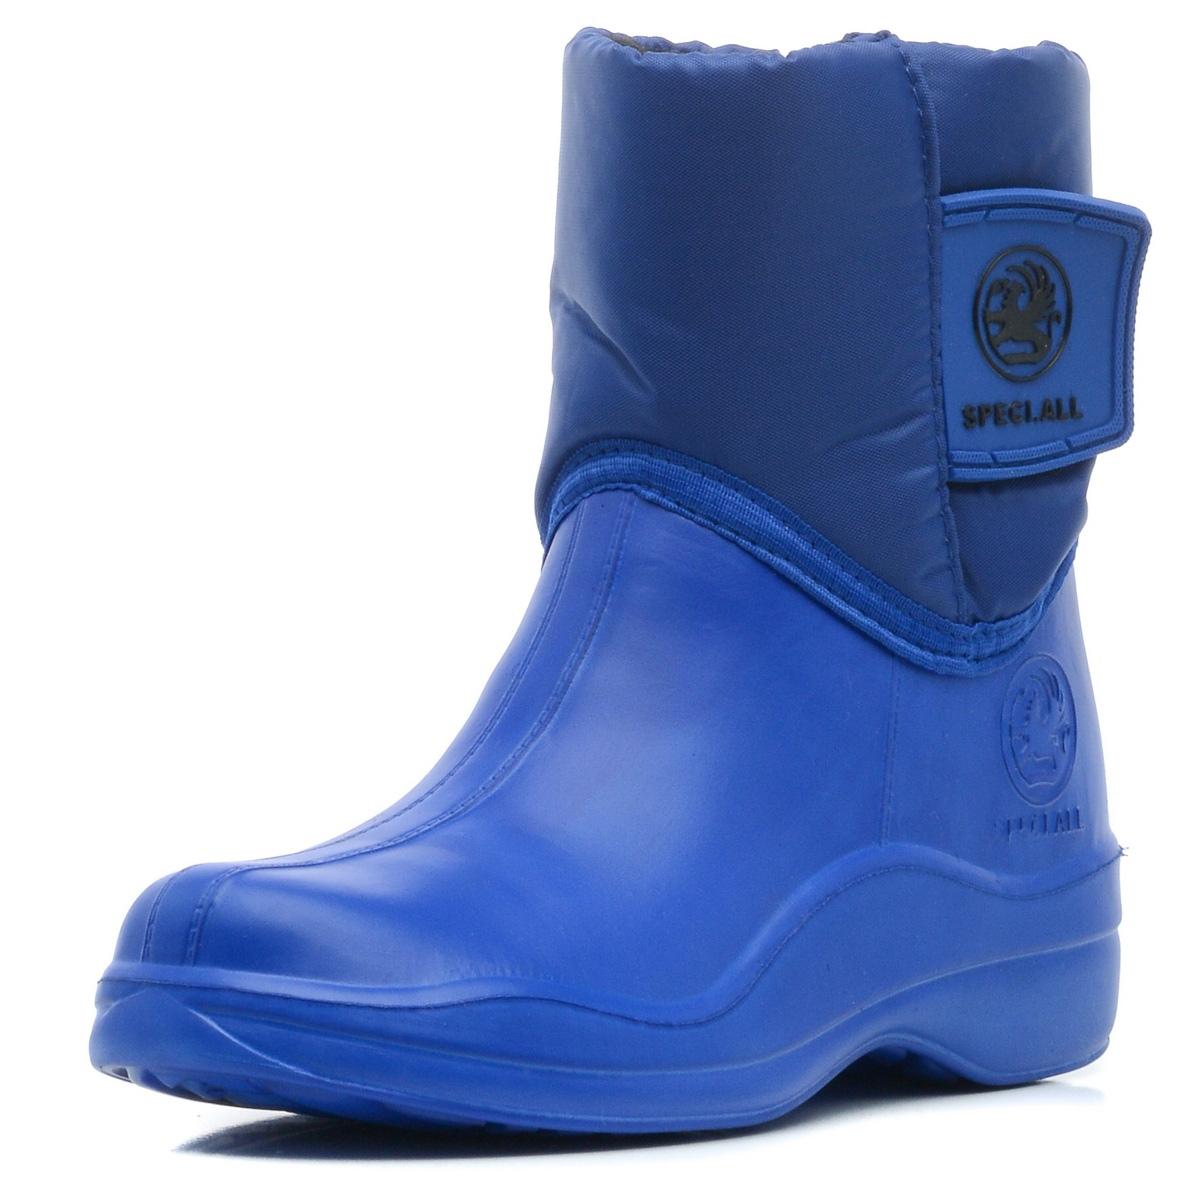 Сапоги резиновые для мальчика Speci.All, цвет: синий. 313 УТЛ. Размер 31/32313 УТЛПолусапожки детские утепленные.